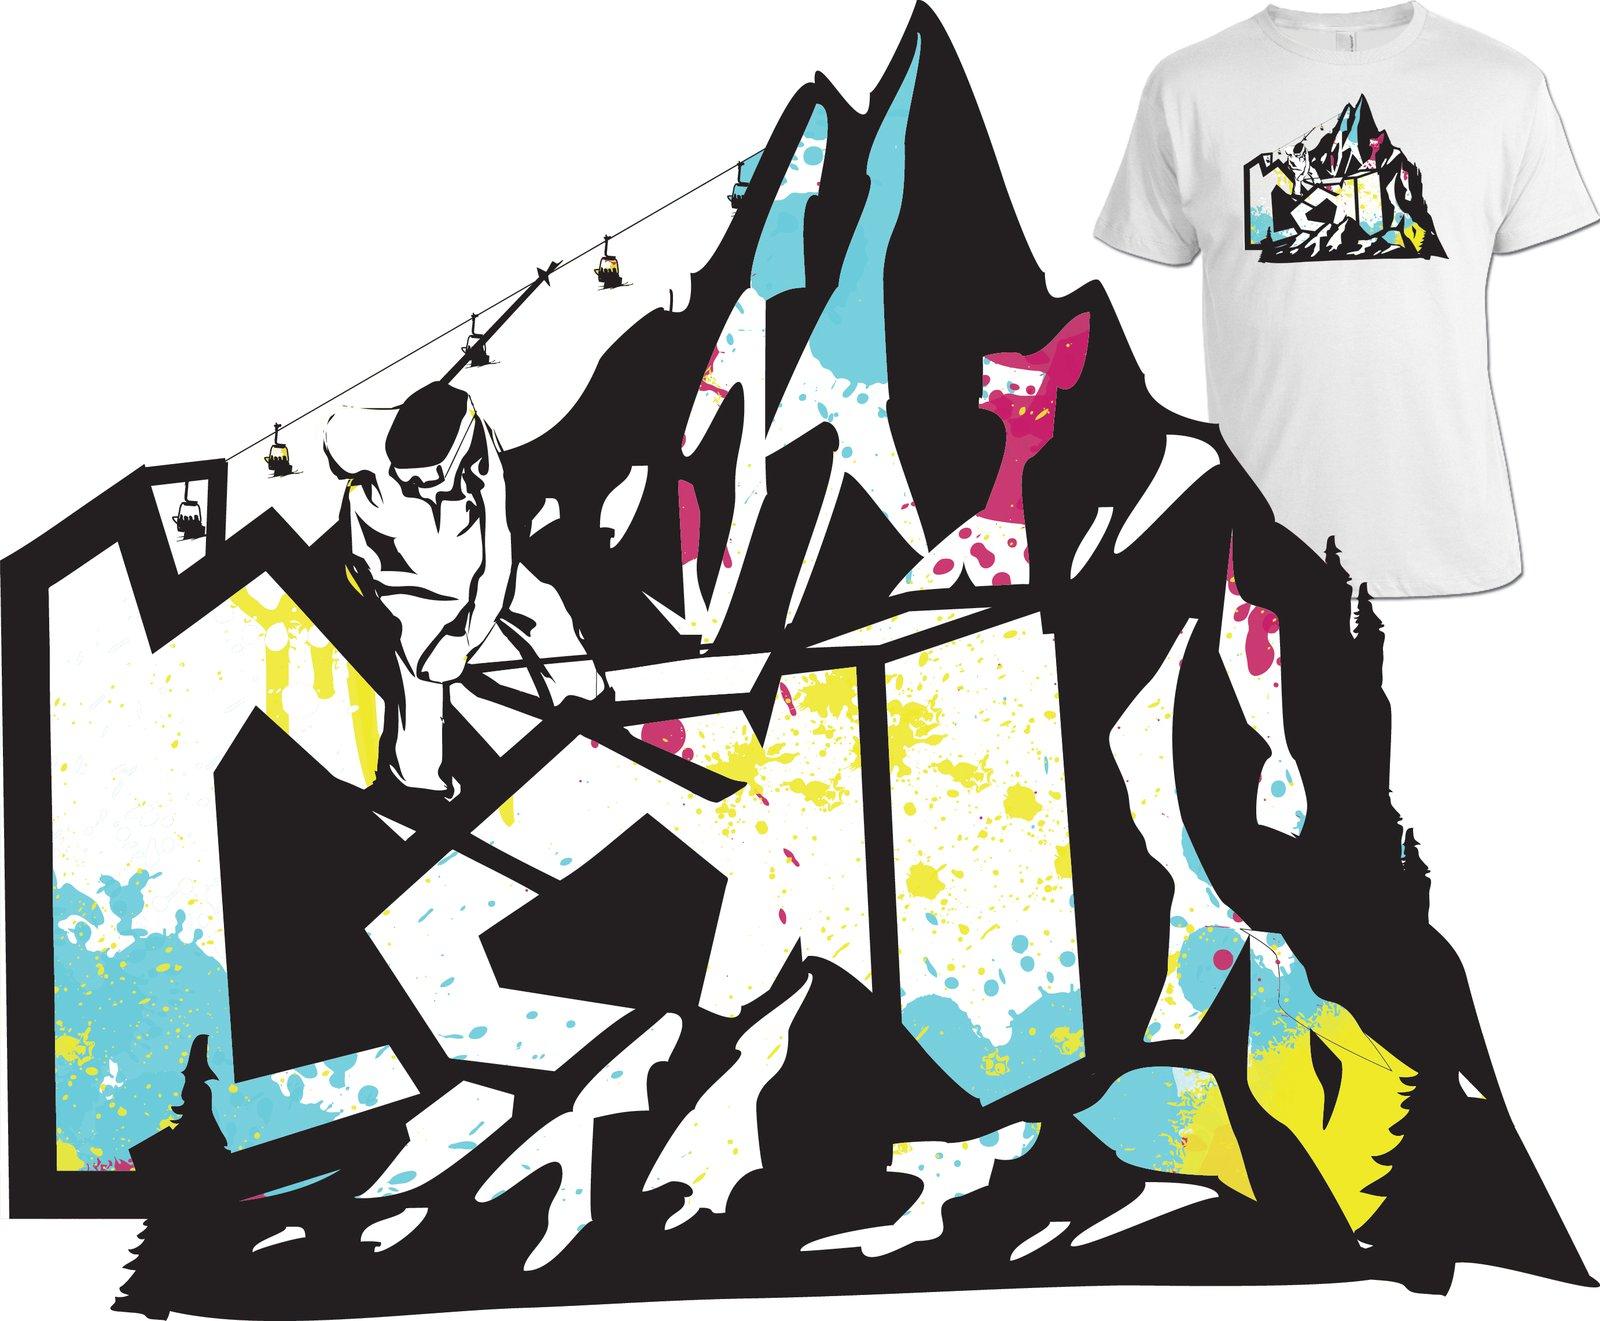 New Shirt Design 1